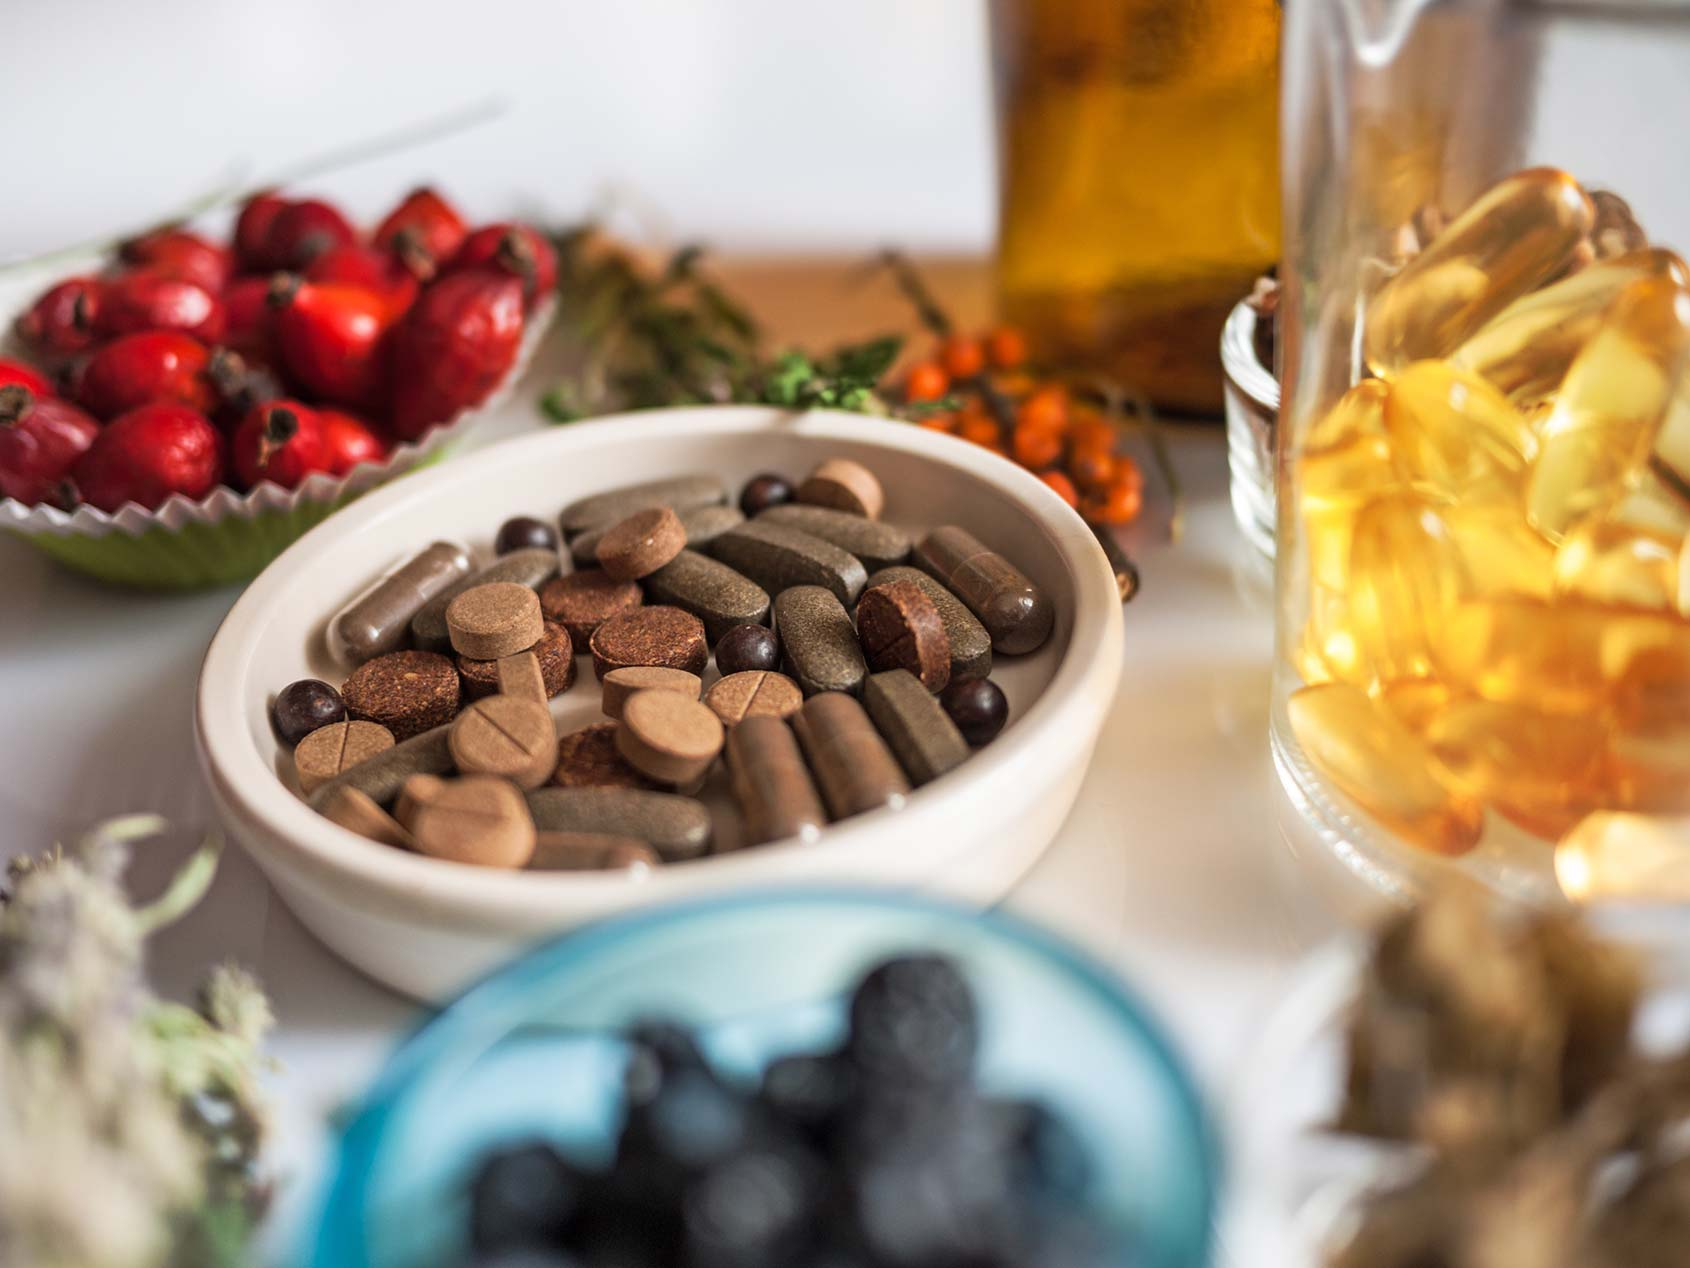 Digital marketing per gli integratori alimentari: gli ultimi trend